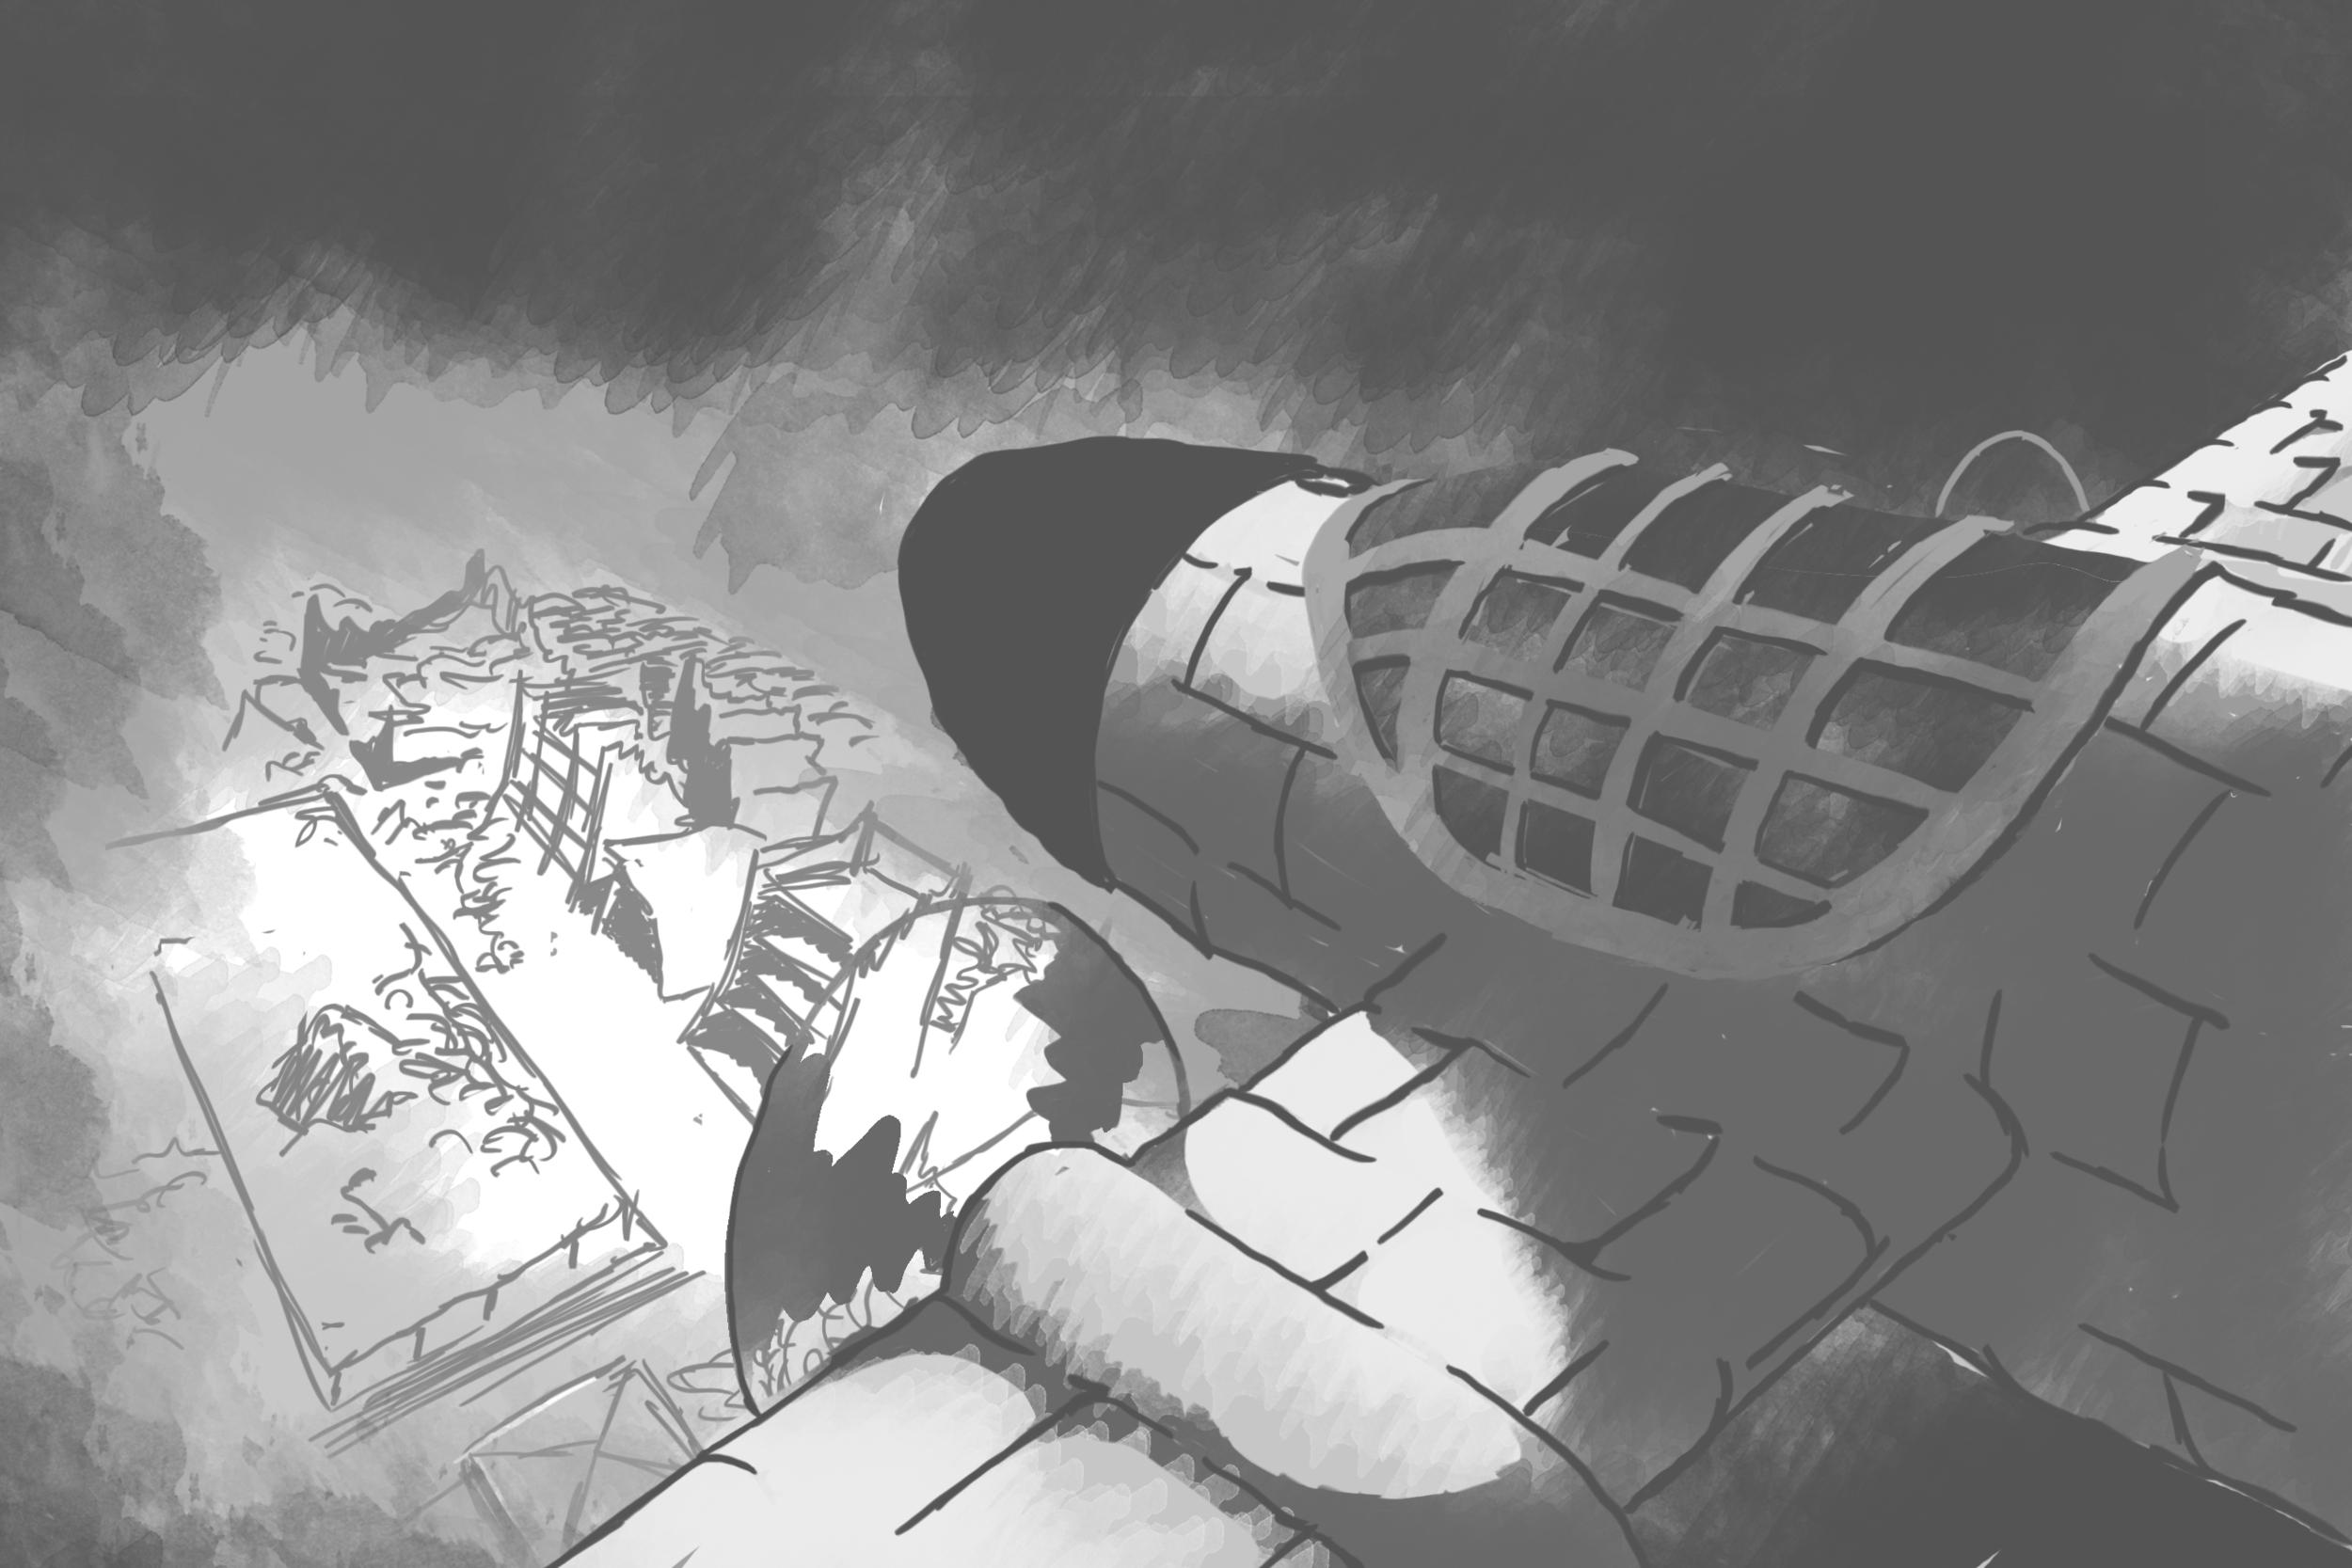 Web_Storyboard_AirsStrike_01.png